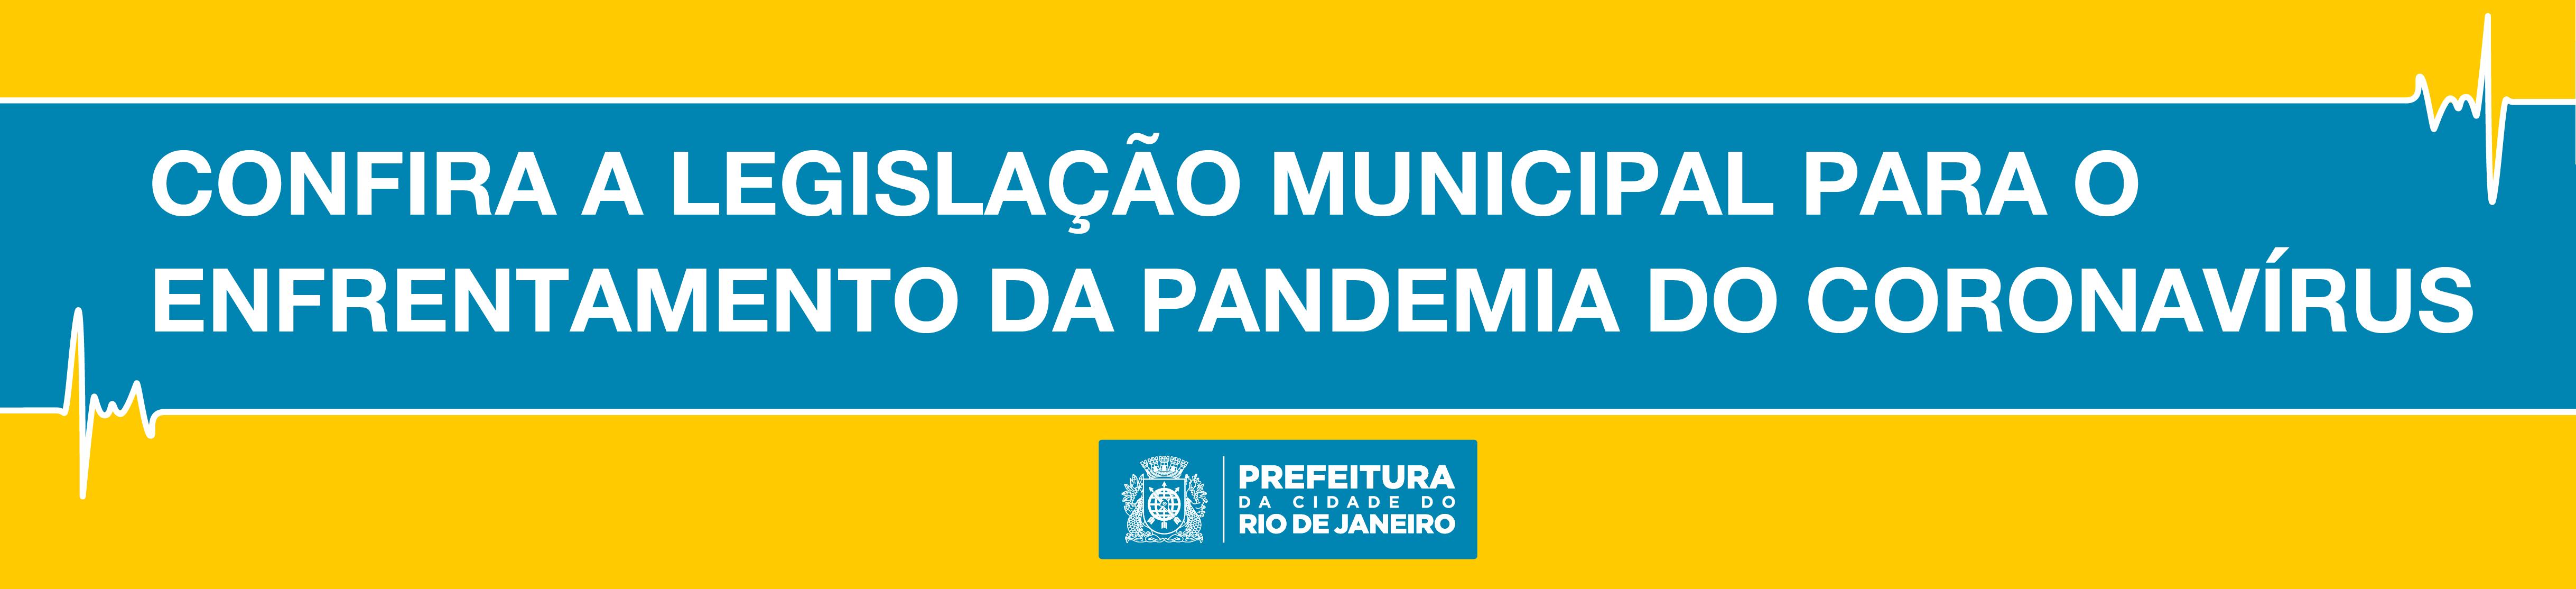 Confira a legislação municipal para o enfrentamento da pandemia do coronavírus.